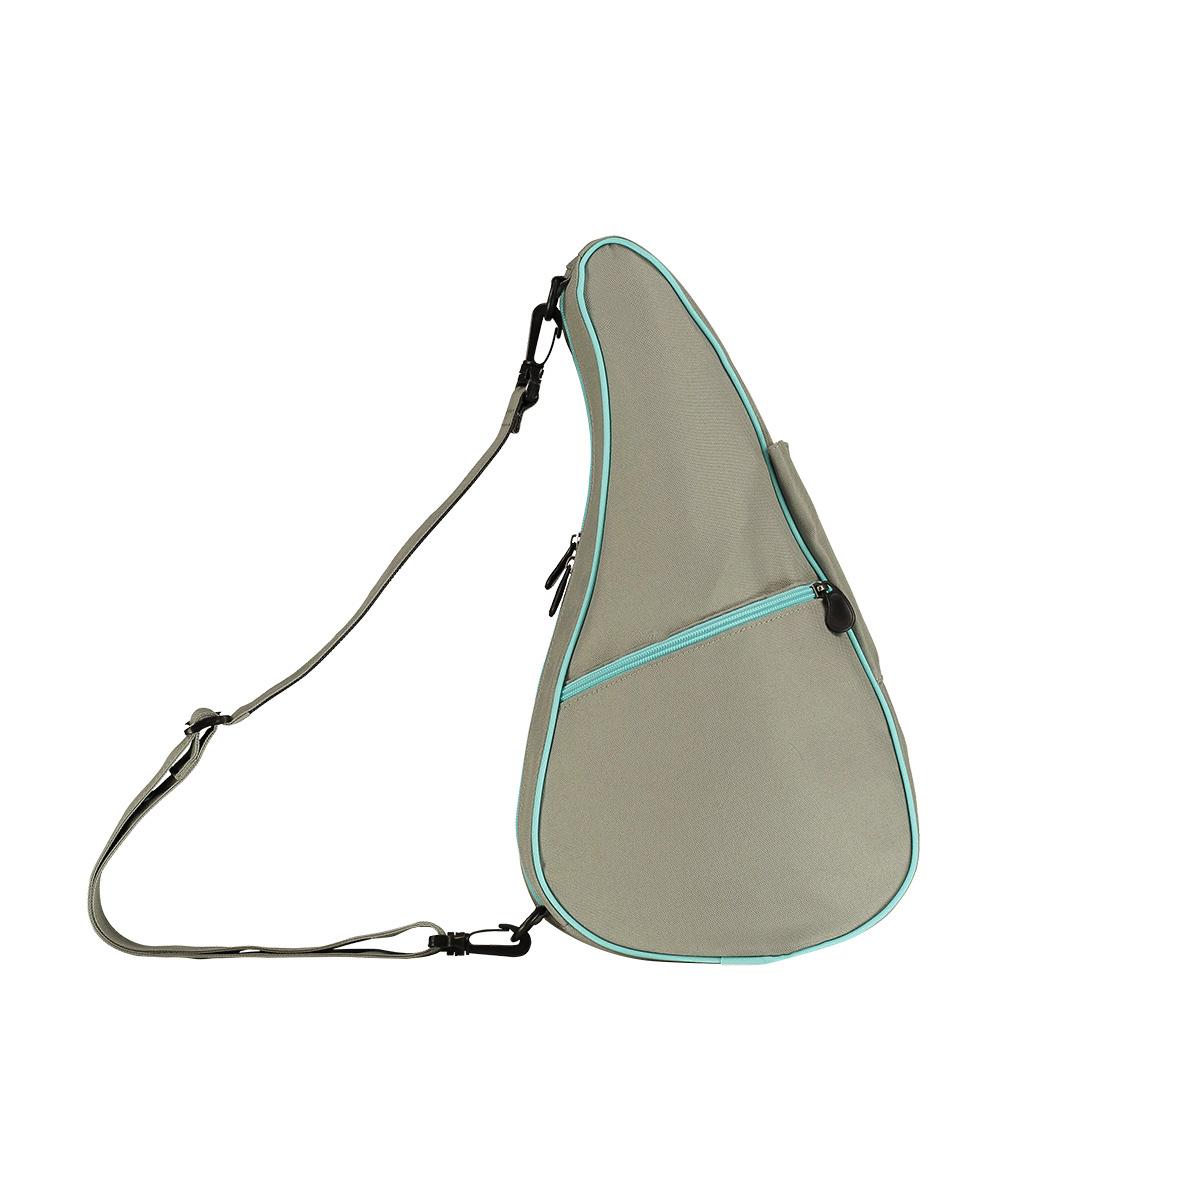 Healthy Back Bag/ヘルシーバックバッグ/ショルダーバッグ/ボディバッグ/旅行バッグ/軽量/レディース/メンズ 《限定ポーチ付》 ヘルシーバックバッグ リバーシブル Sサイズ ドーブグレー/アクア